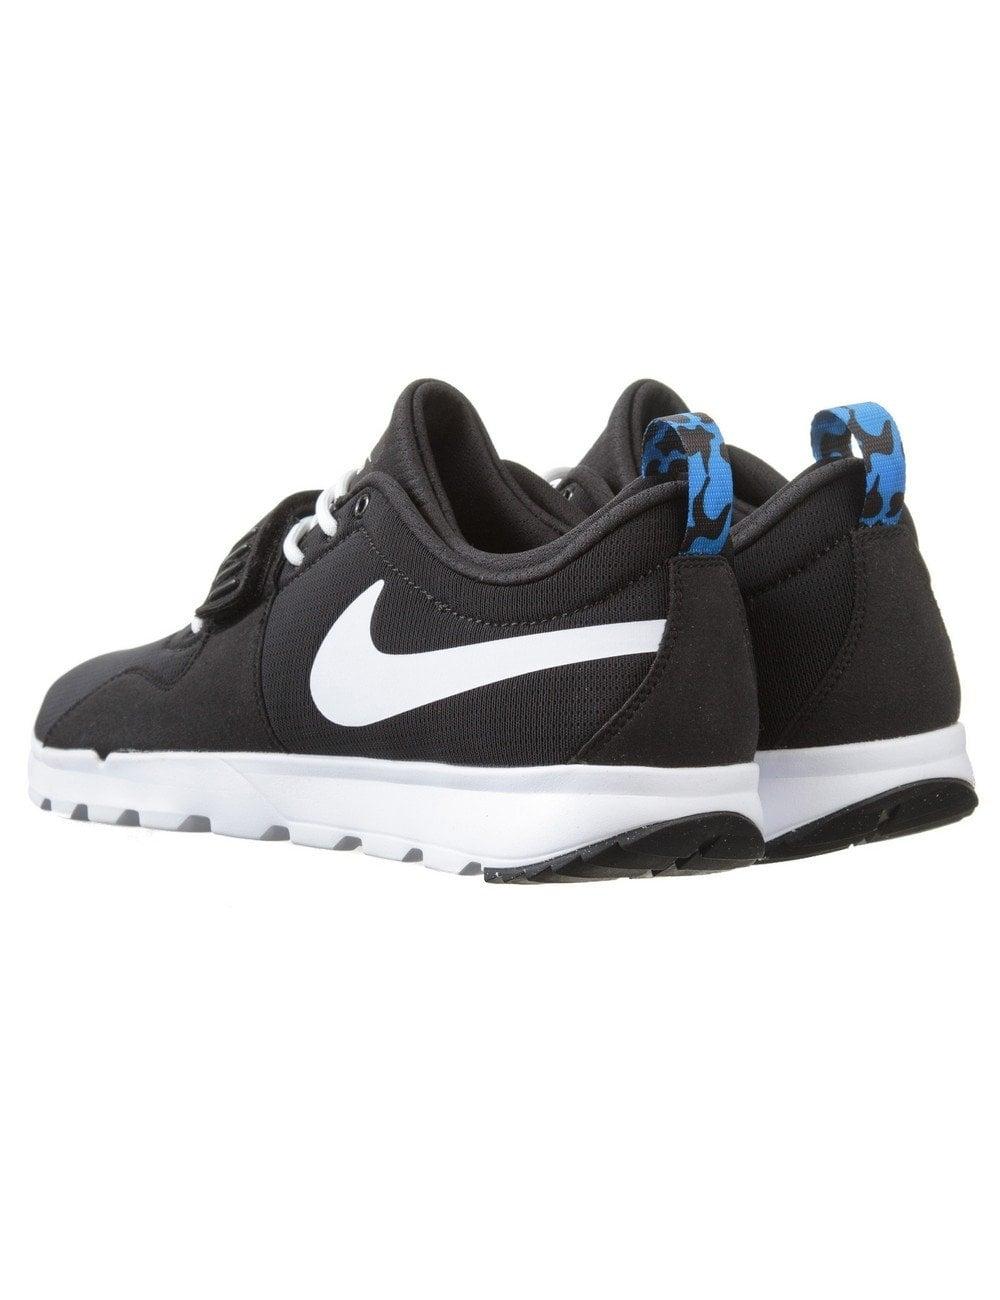 prix discount jeu avec mastercard Nike Chaussures Sb Trainerendor Se Colorier En Noir Et Blanc SLi1va2kU2